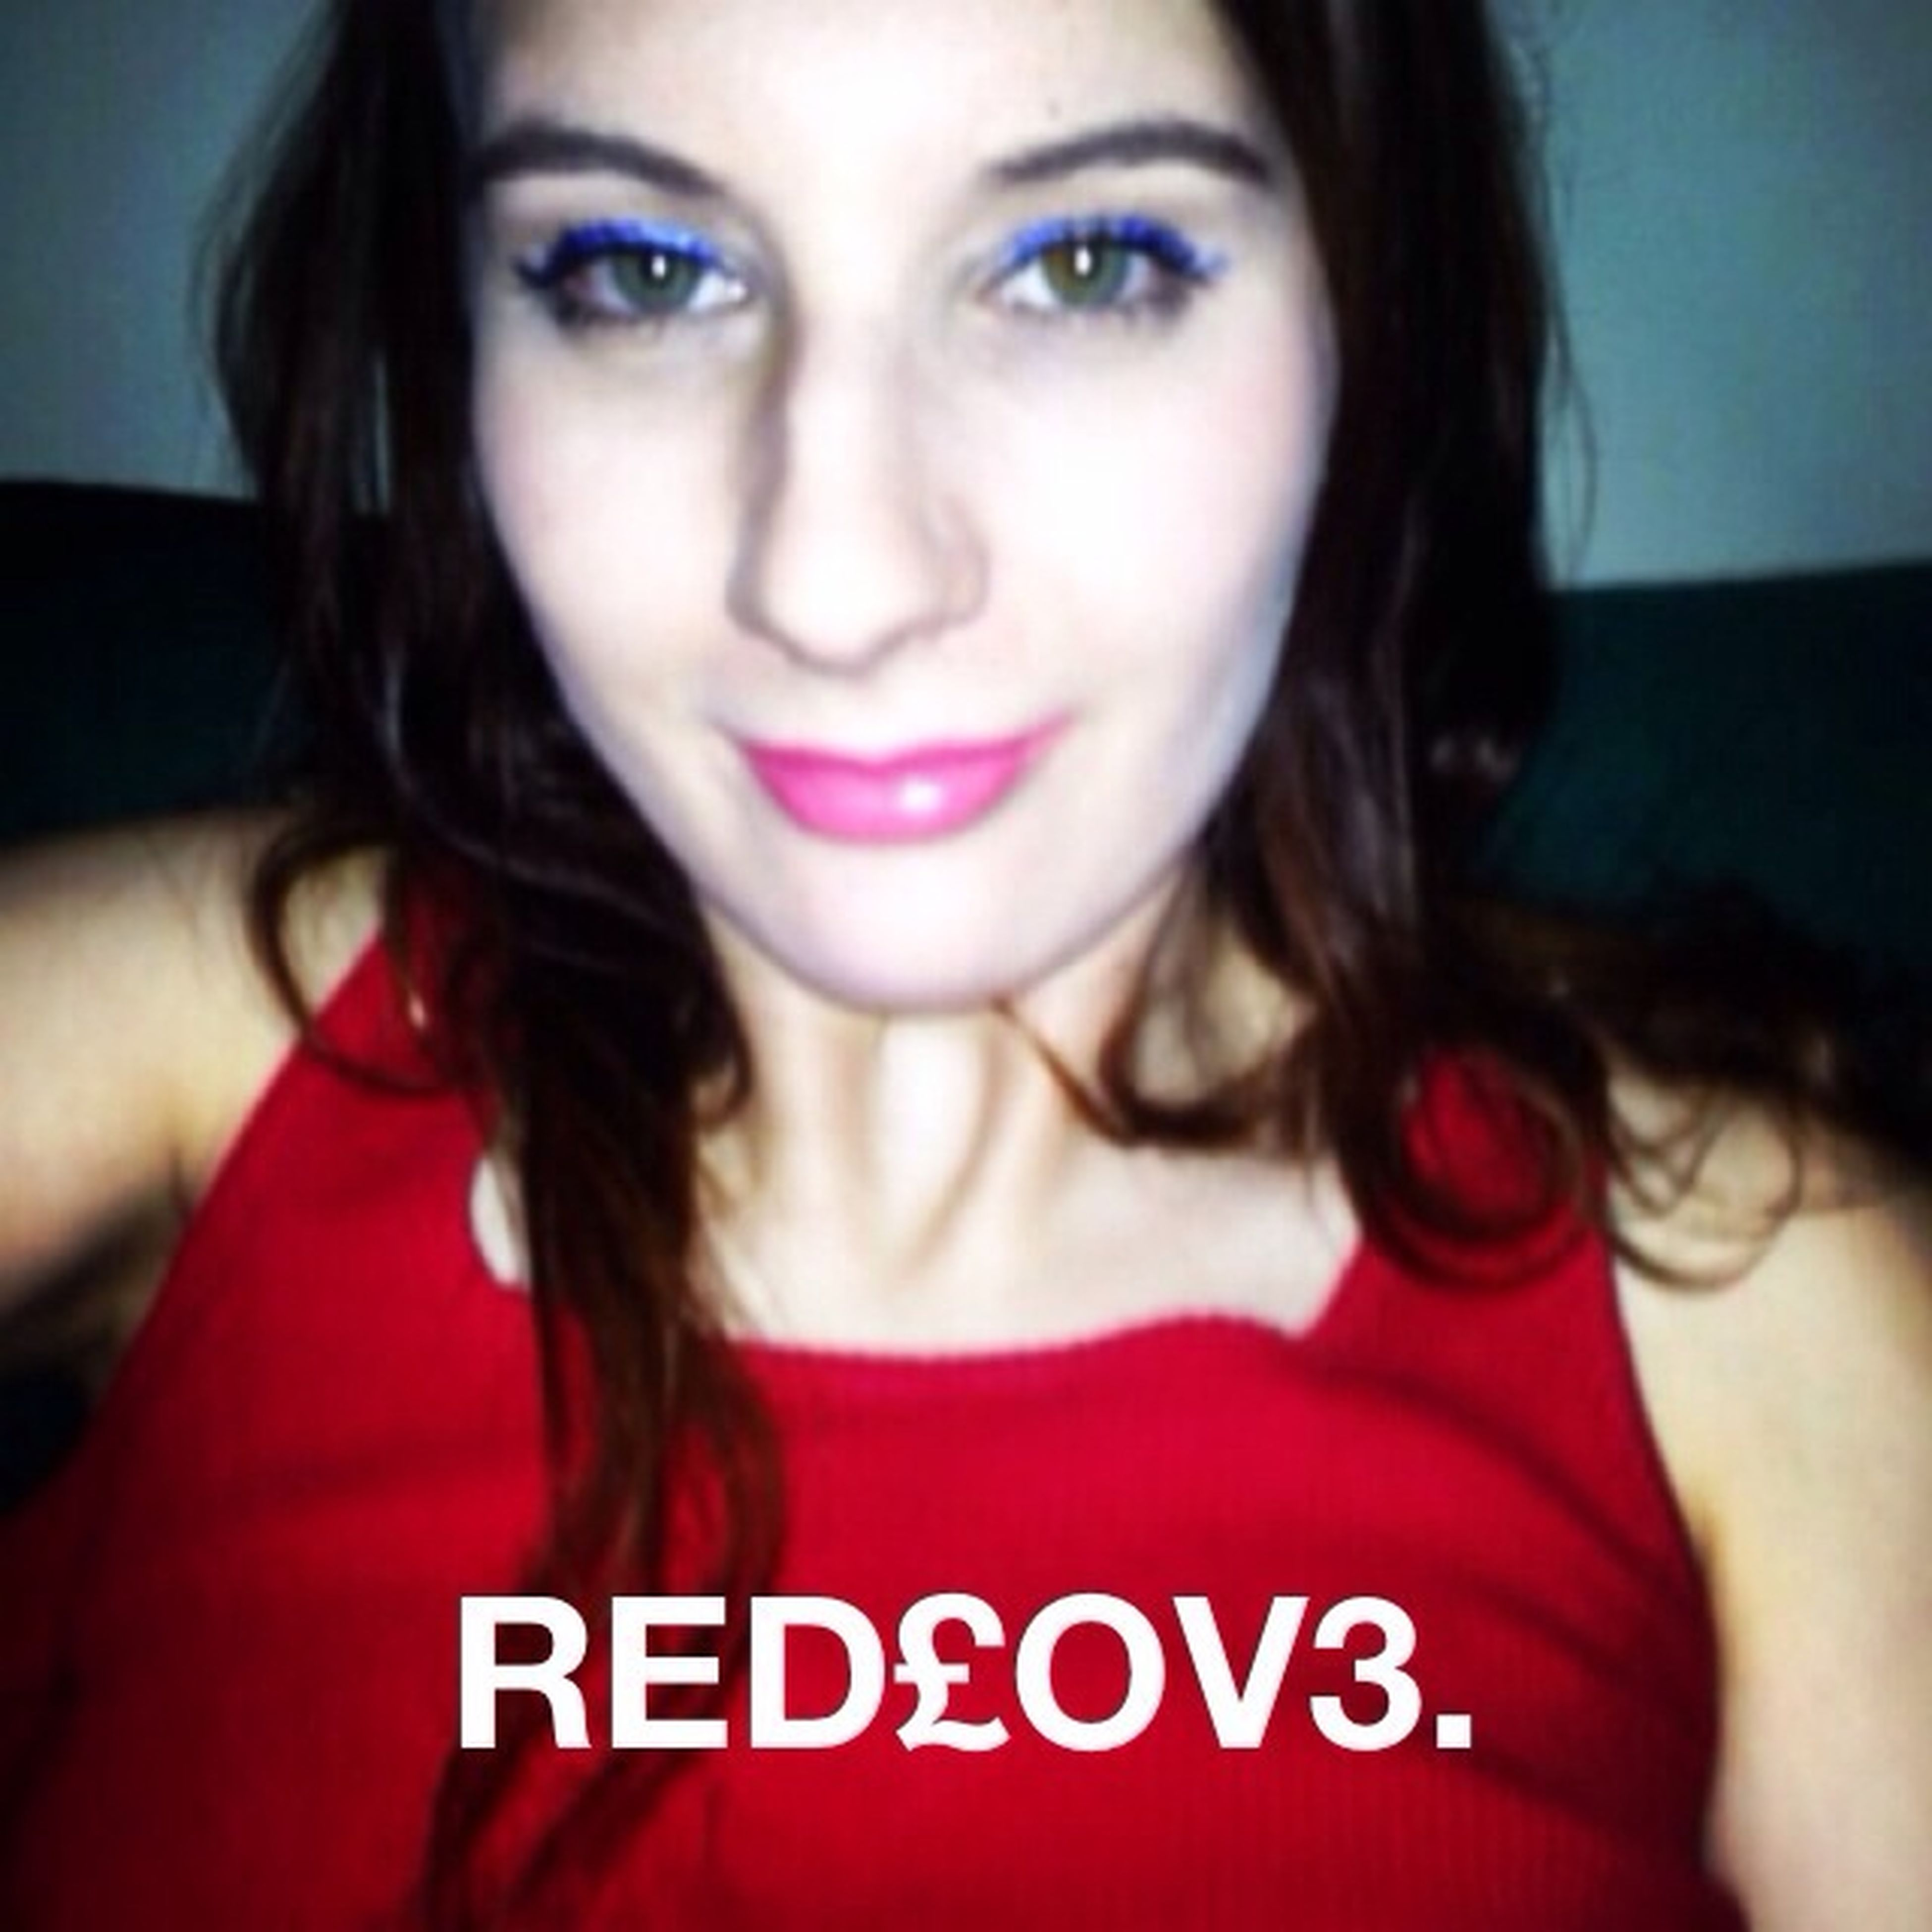 ReDL0V3 <3